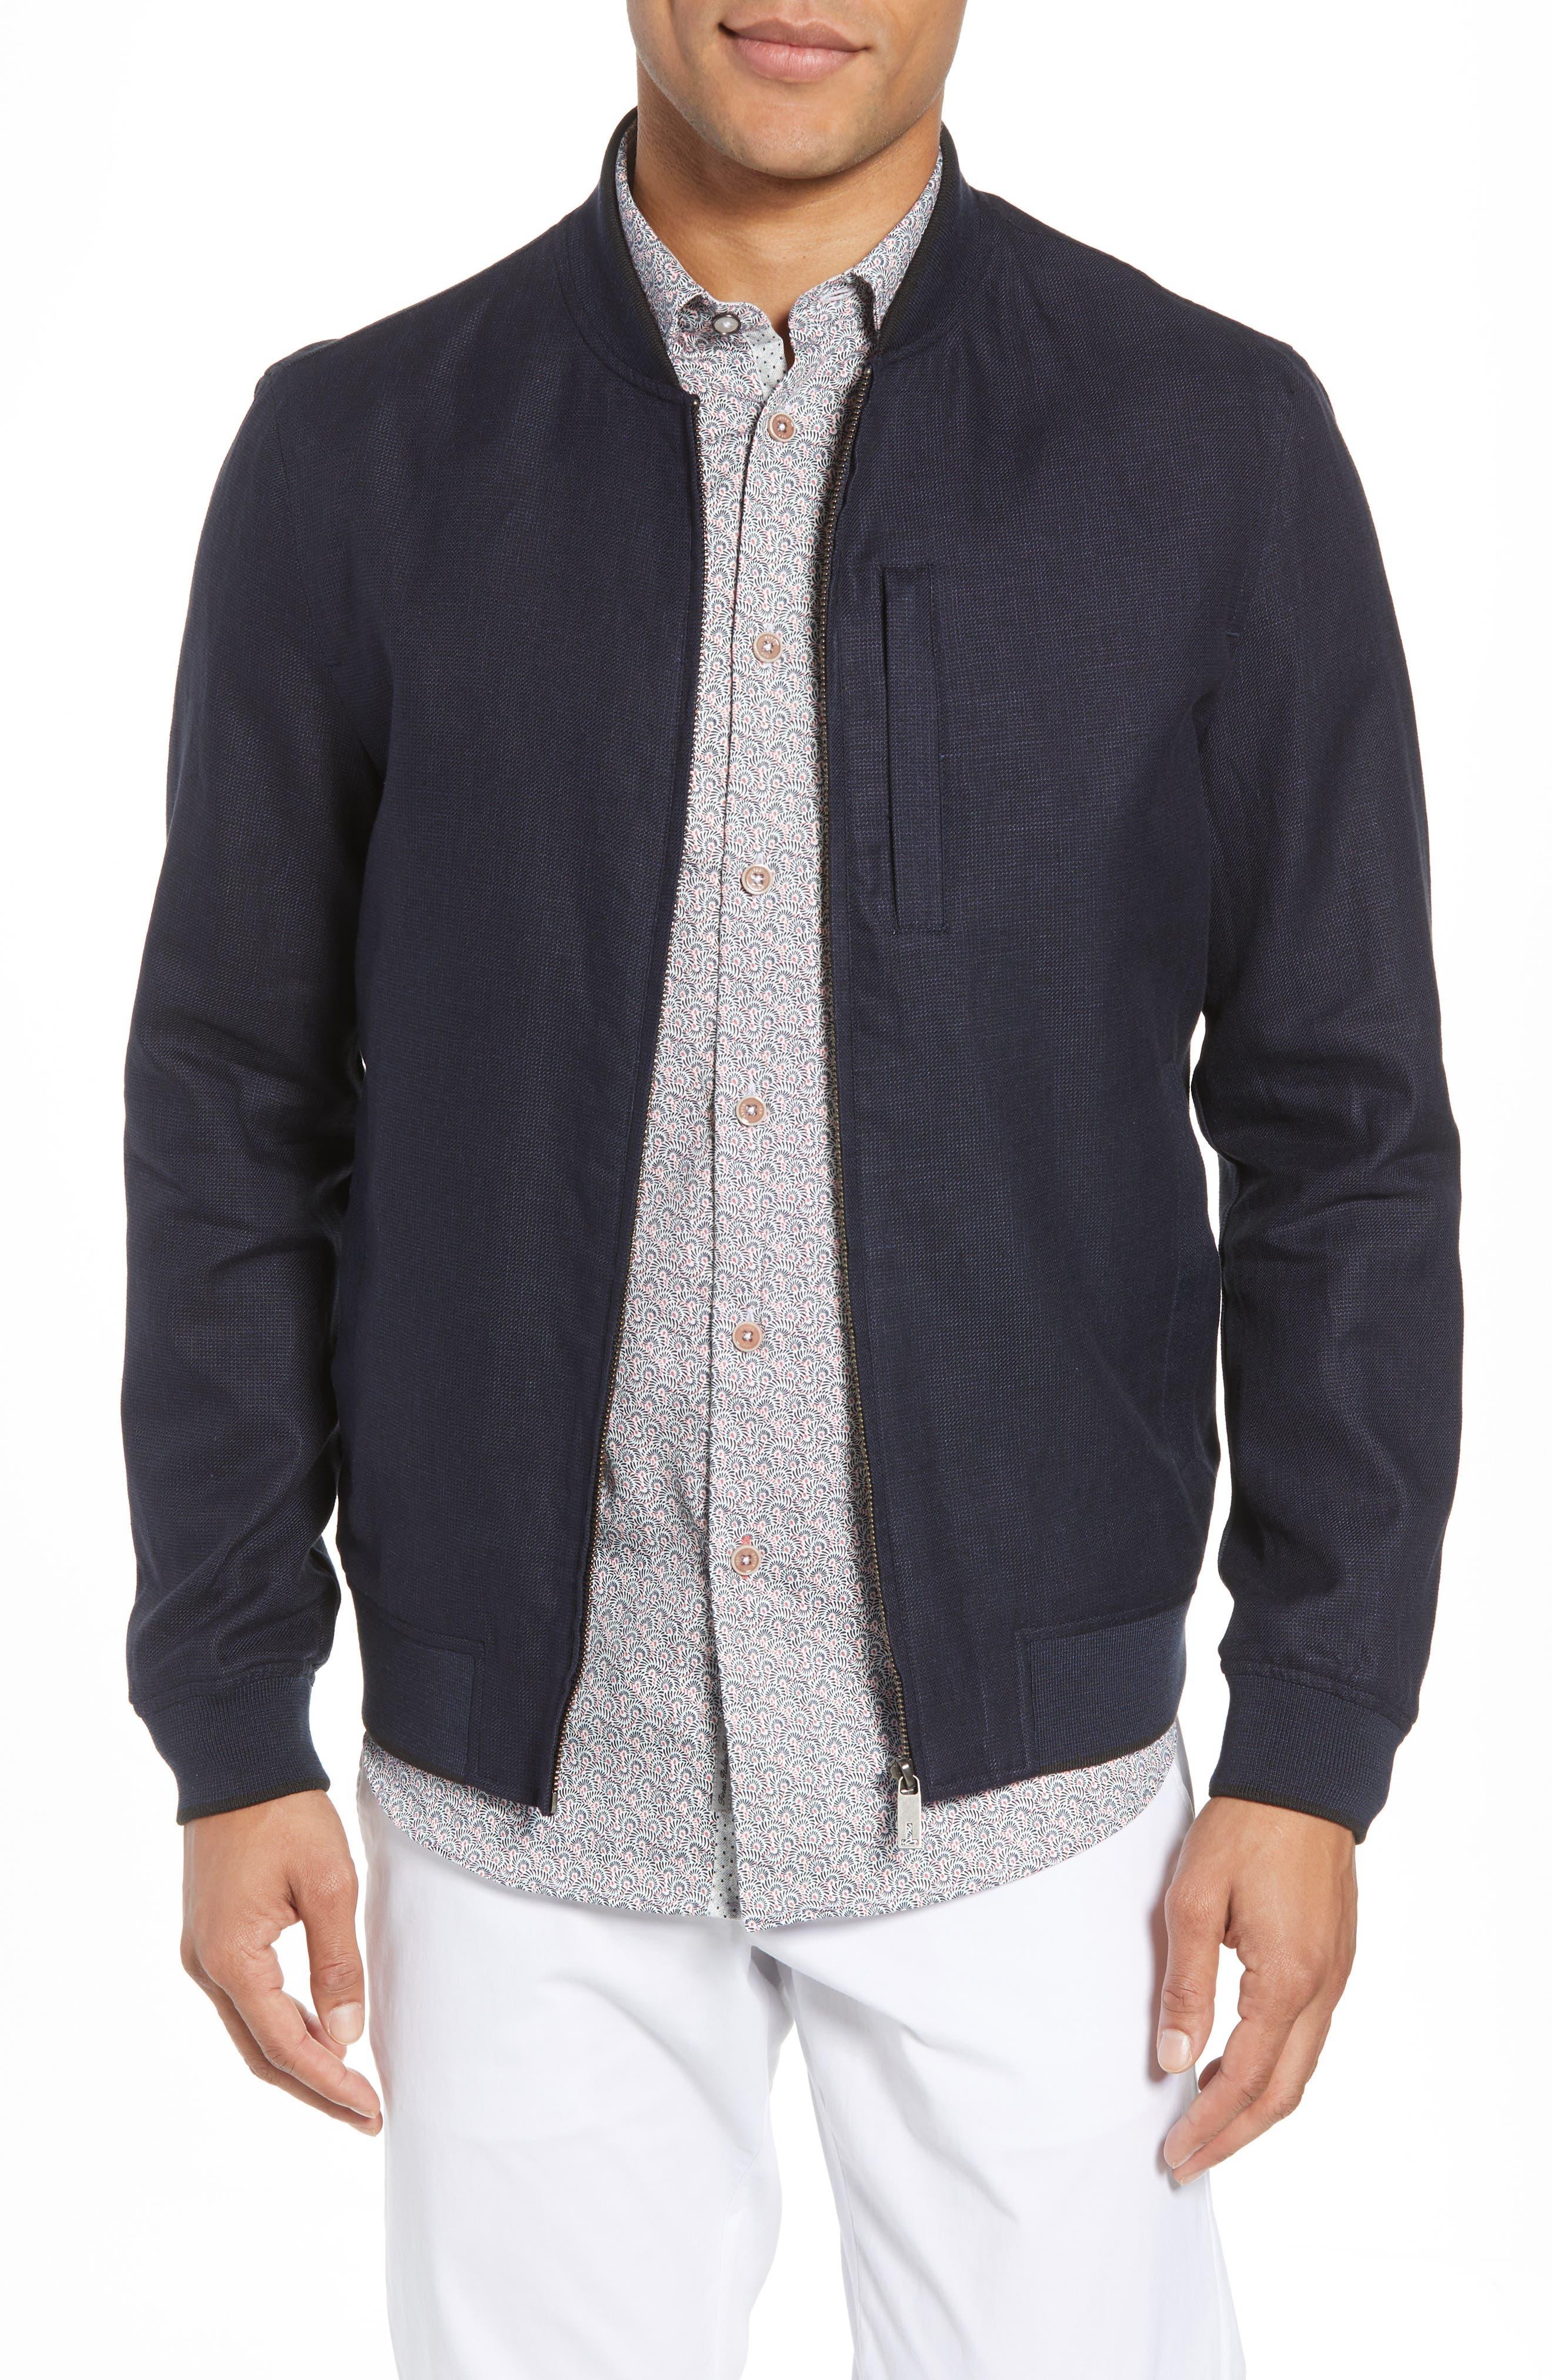 Raney Trim Fit Linen & Cotton Jacket,                         Main,                         color, 410